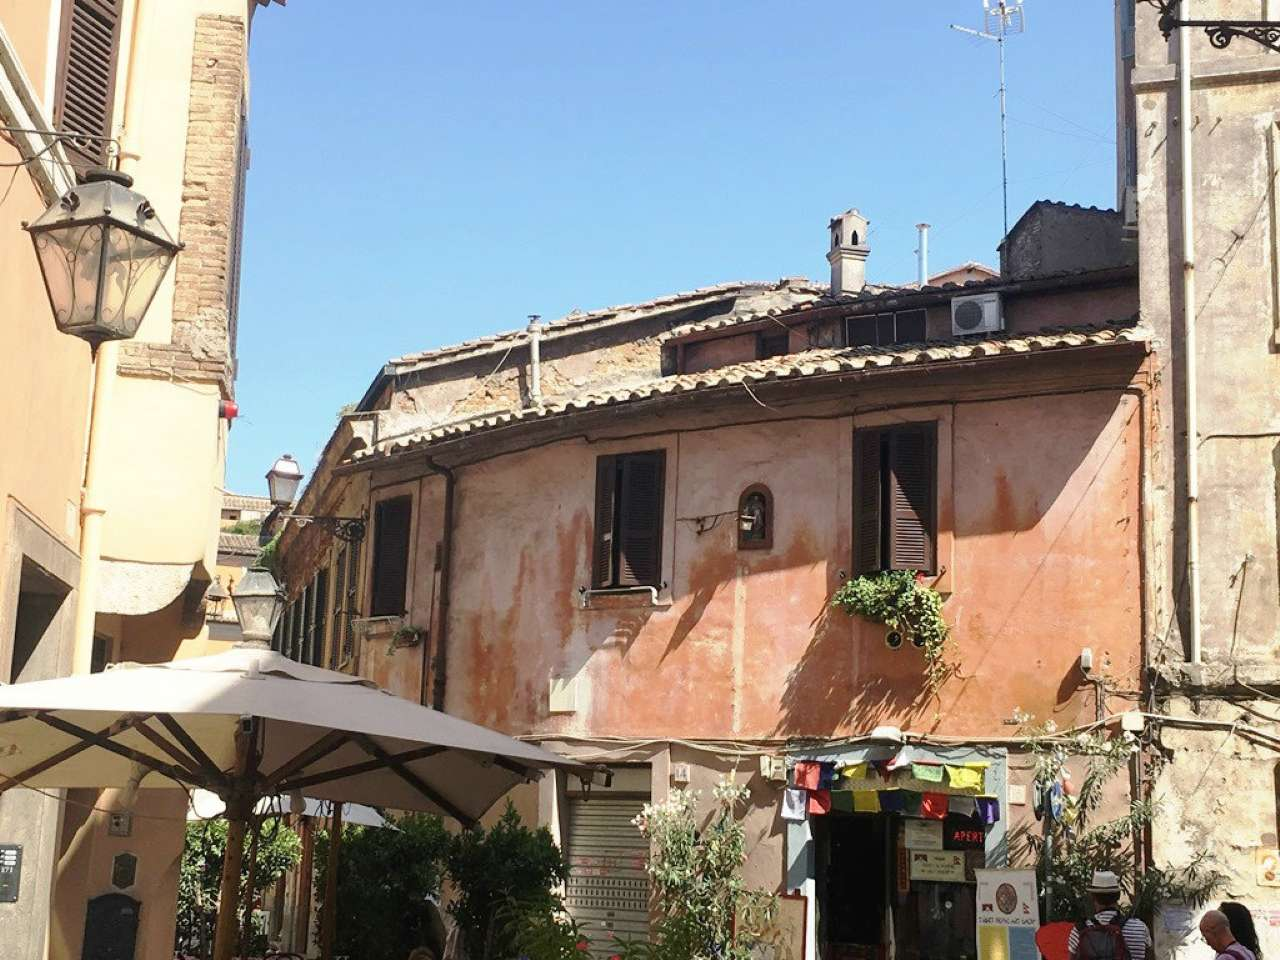 Appartamento in vendita a Roma, 5 locali, zona Zona: 25 . Trastevere - Testaccio, prezzo € 590.000 | CambioCasa.it